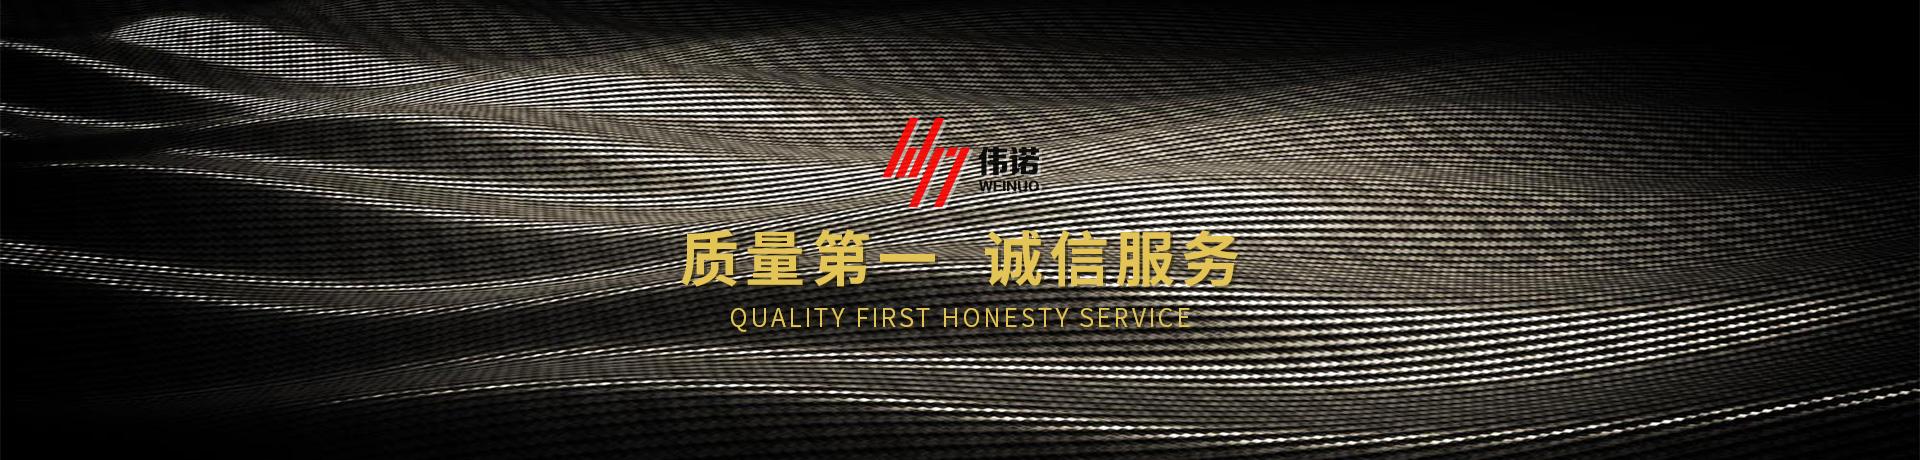 张家港伟诺复合材料有限公司